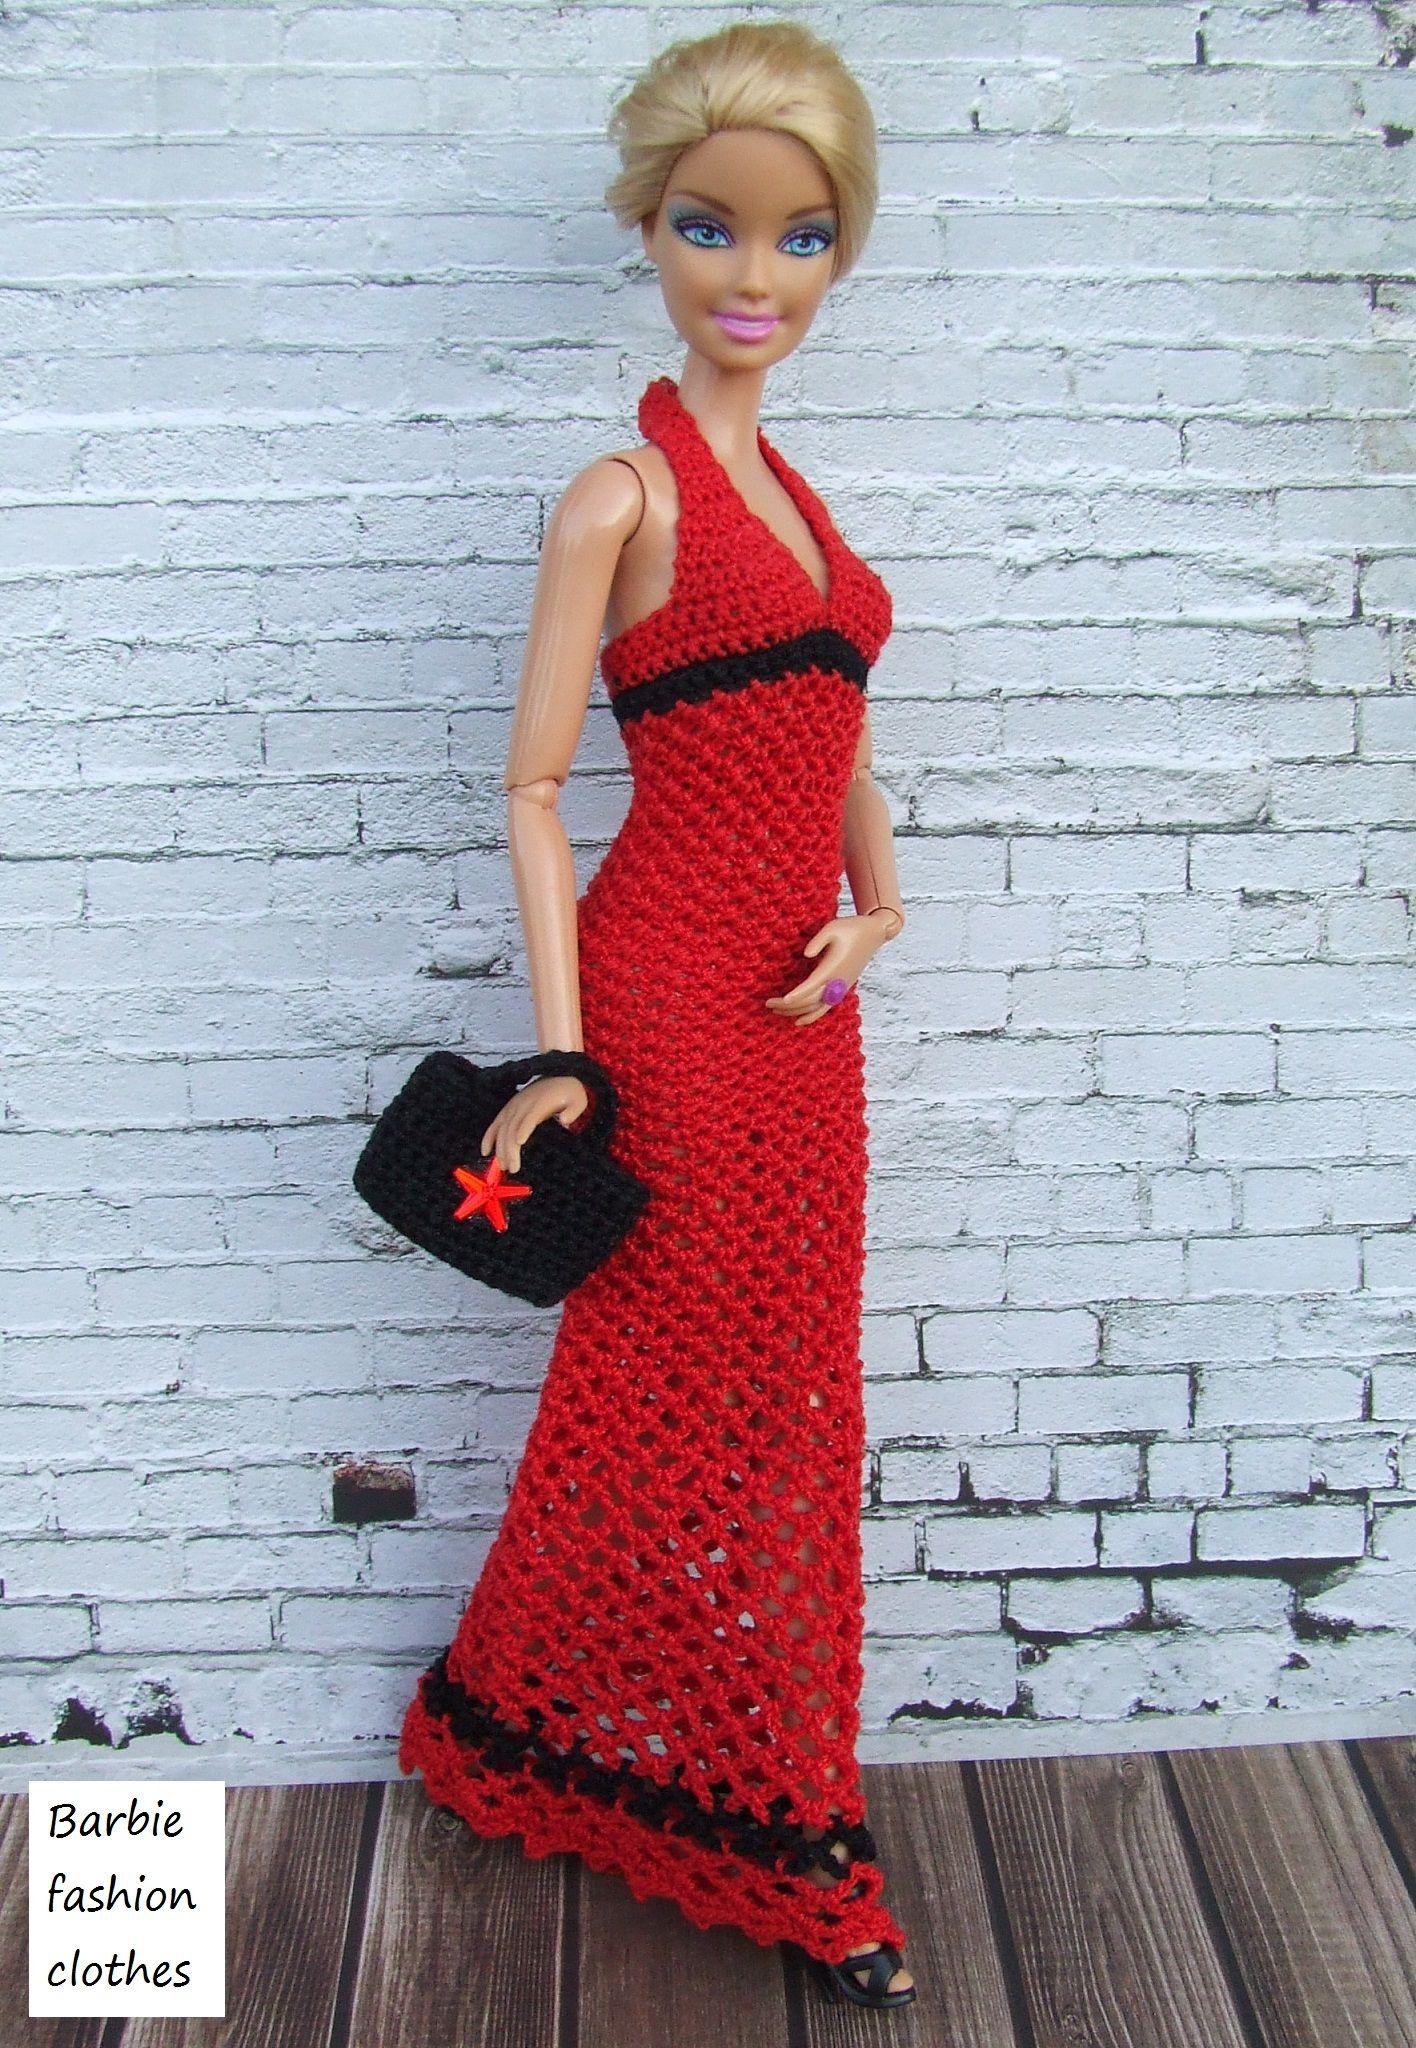 Pin von Louise Foley auf crochet   Pinterest   Barbie kleider ...